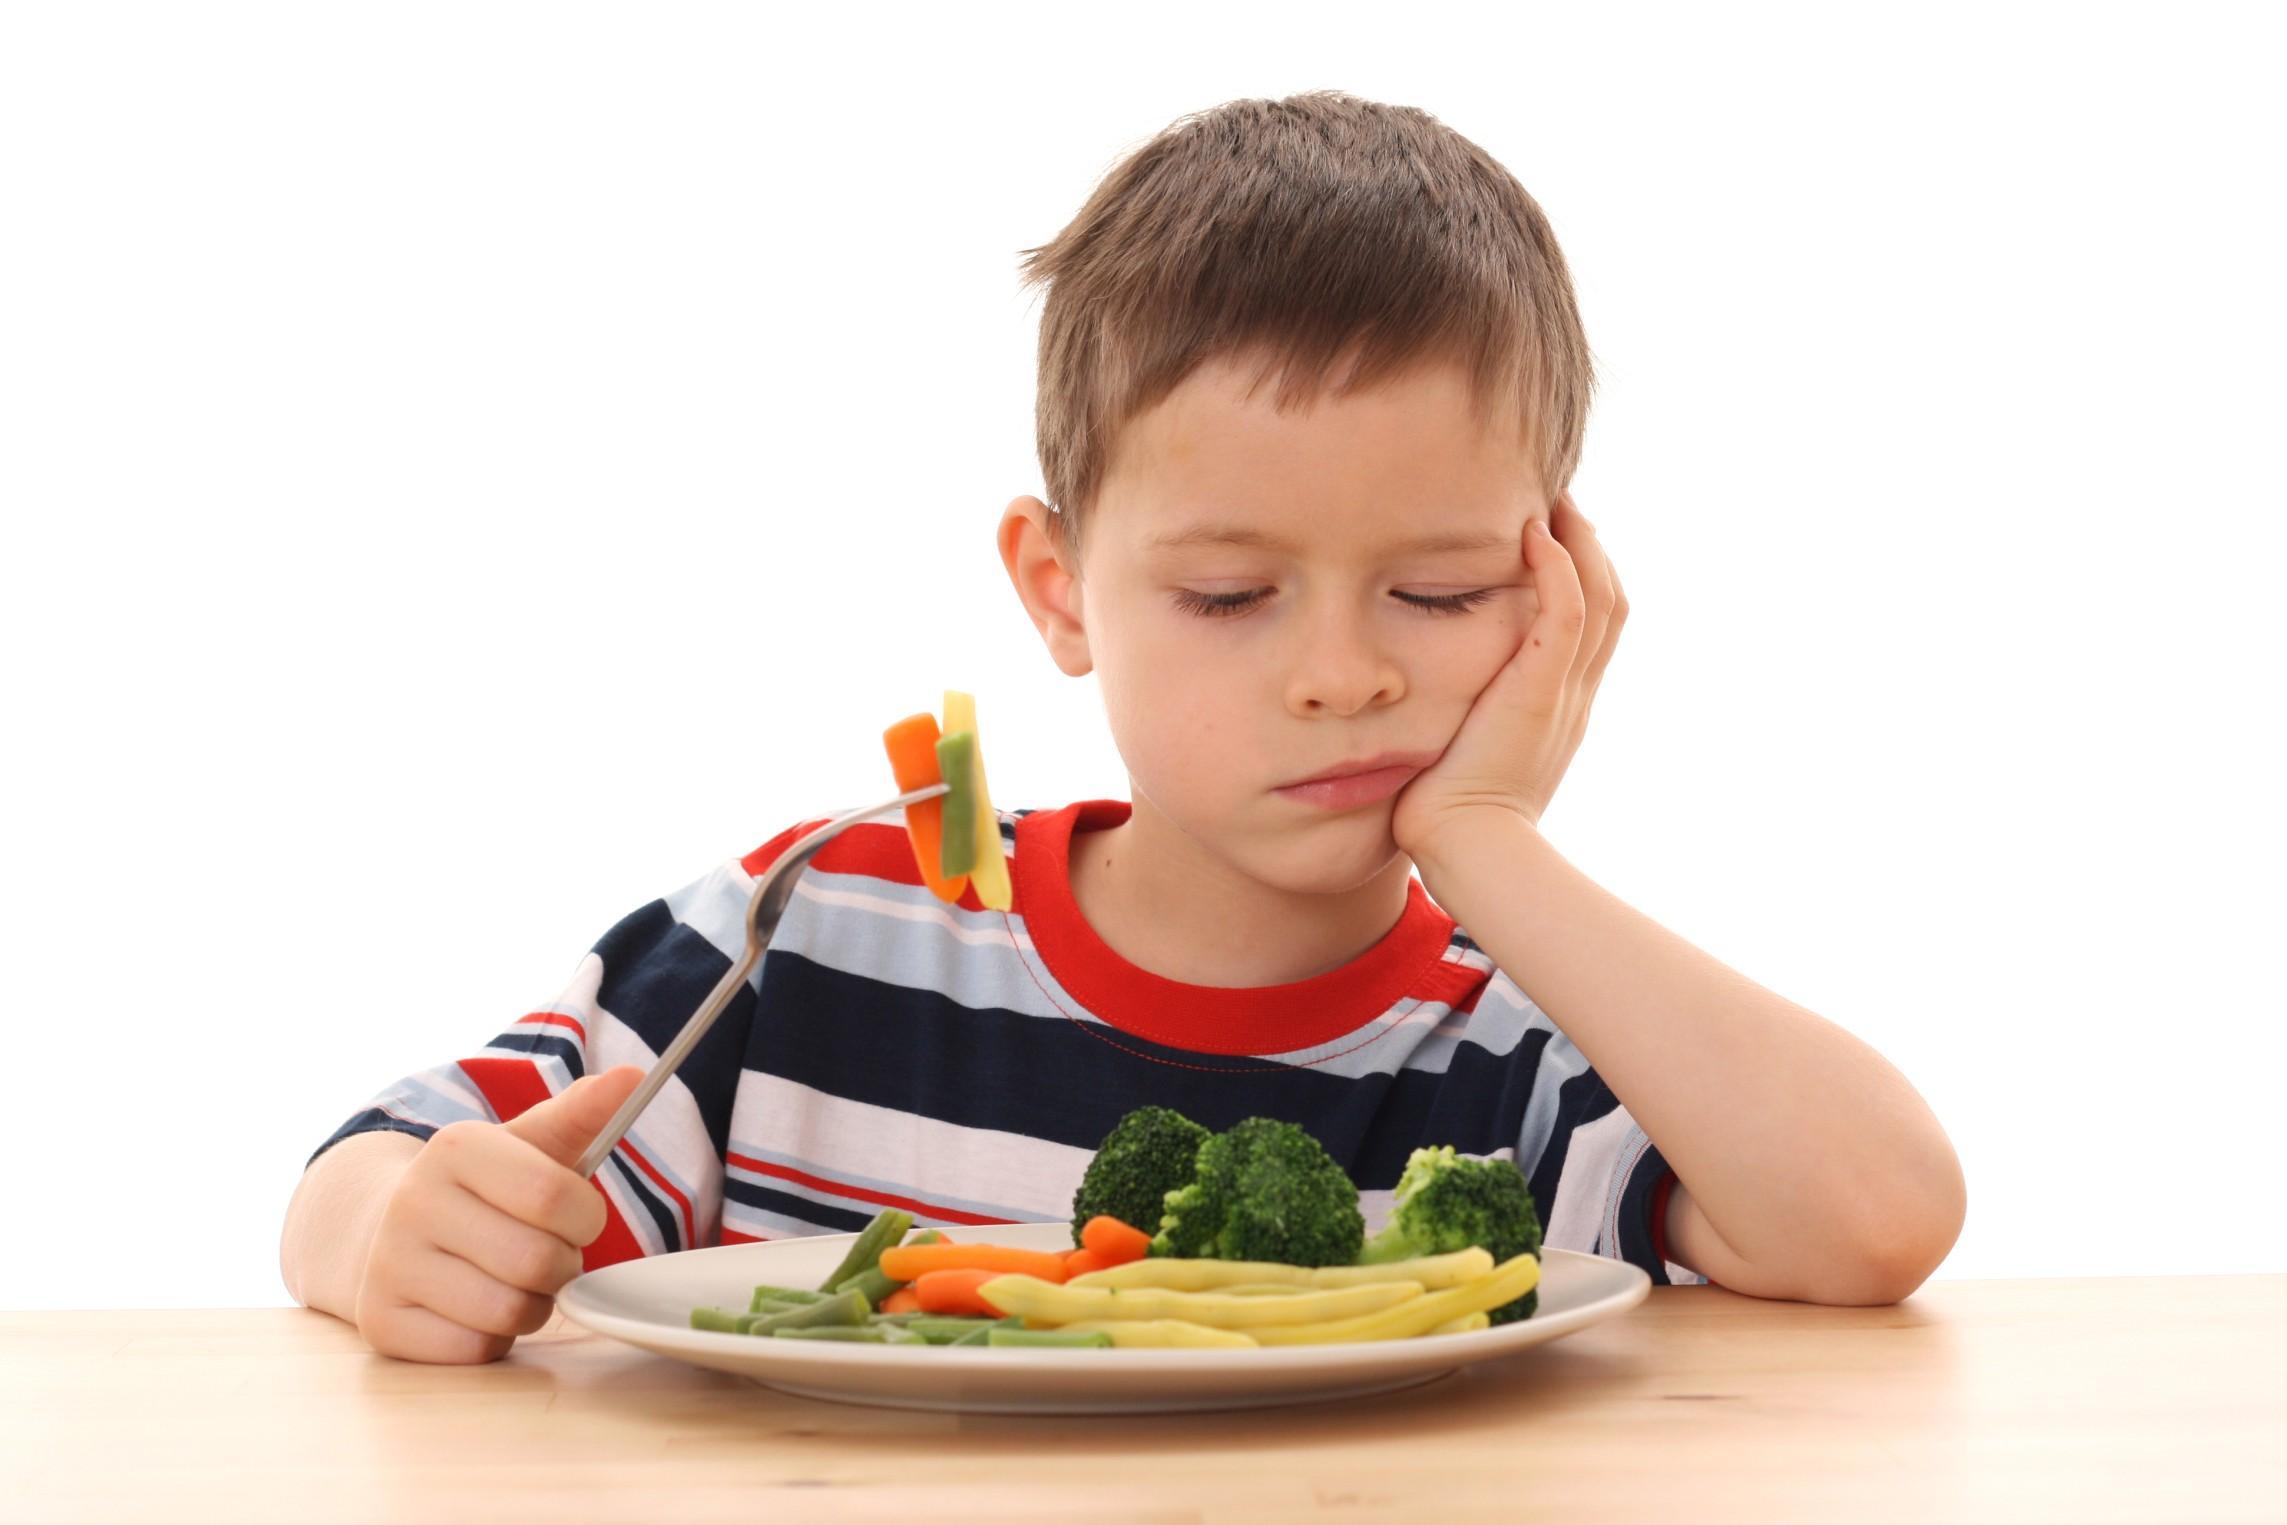 come-far-mangiare-frutta-e-verdura-ai-bambini_4dbff95635475853756d2418fa80f0e5